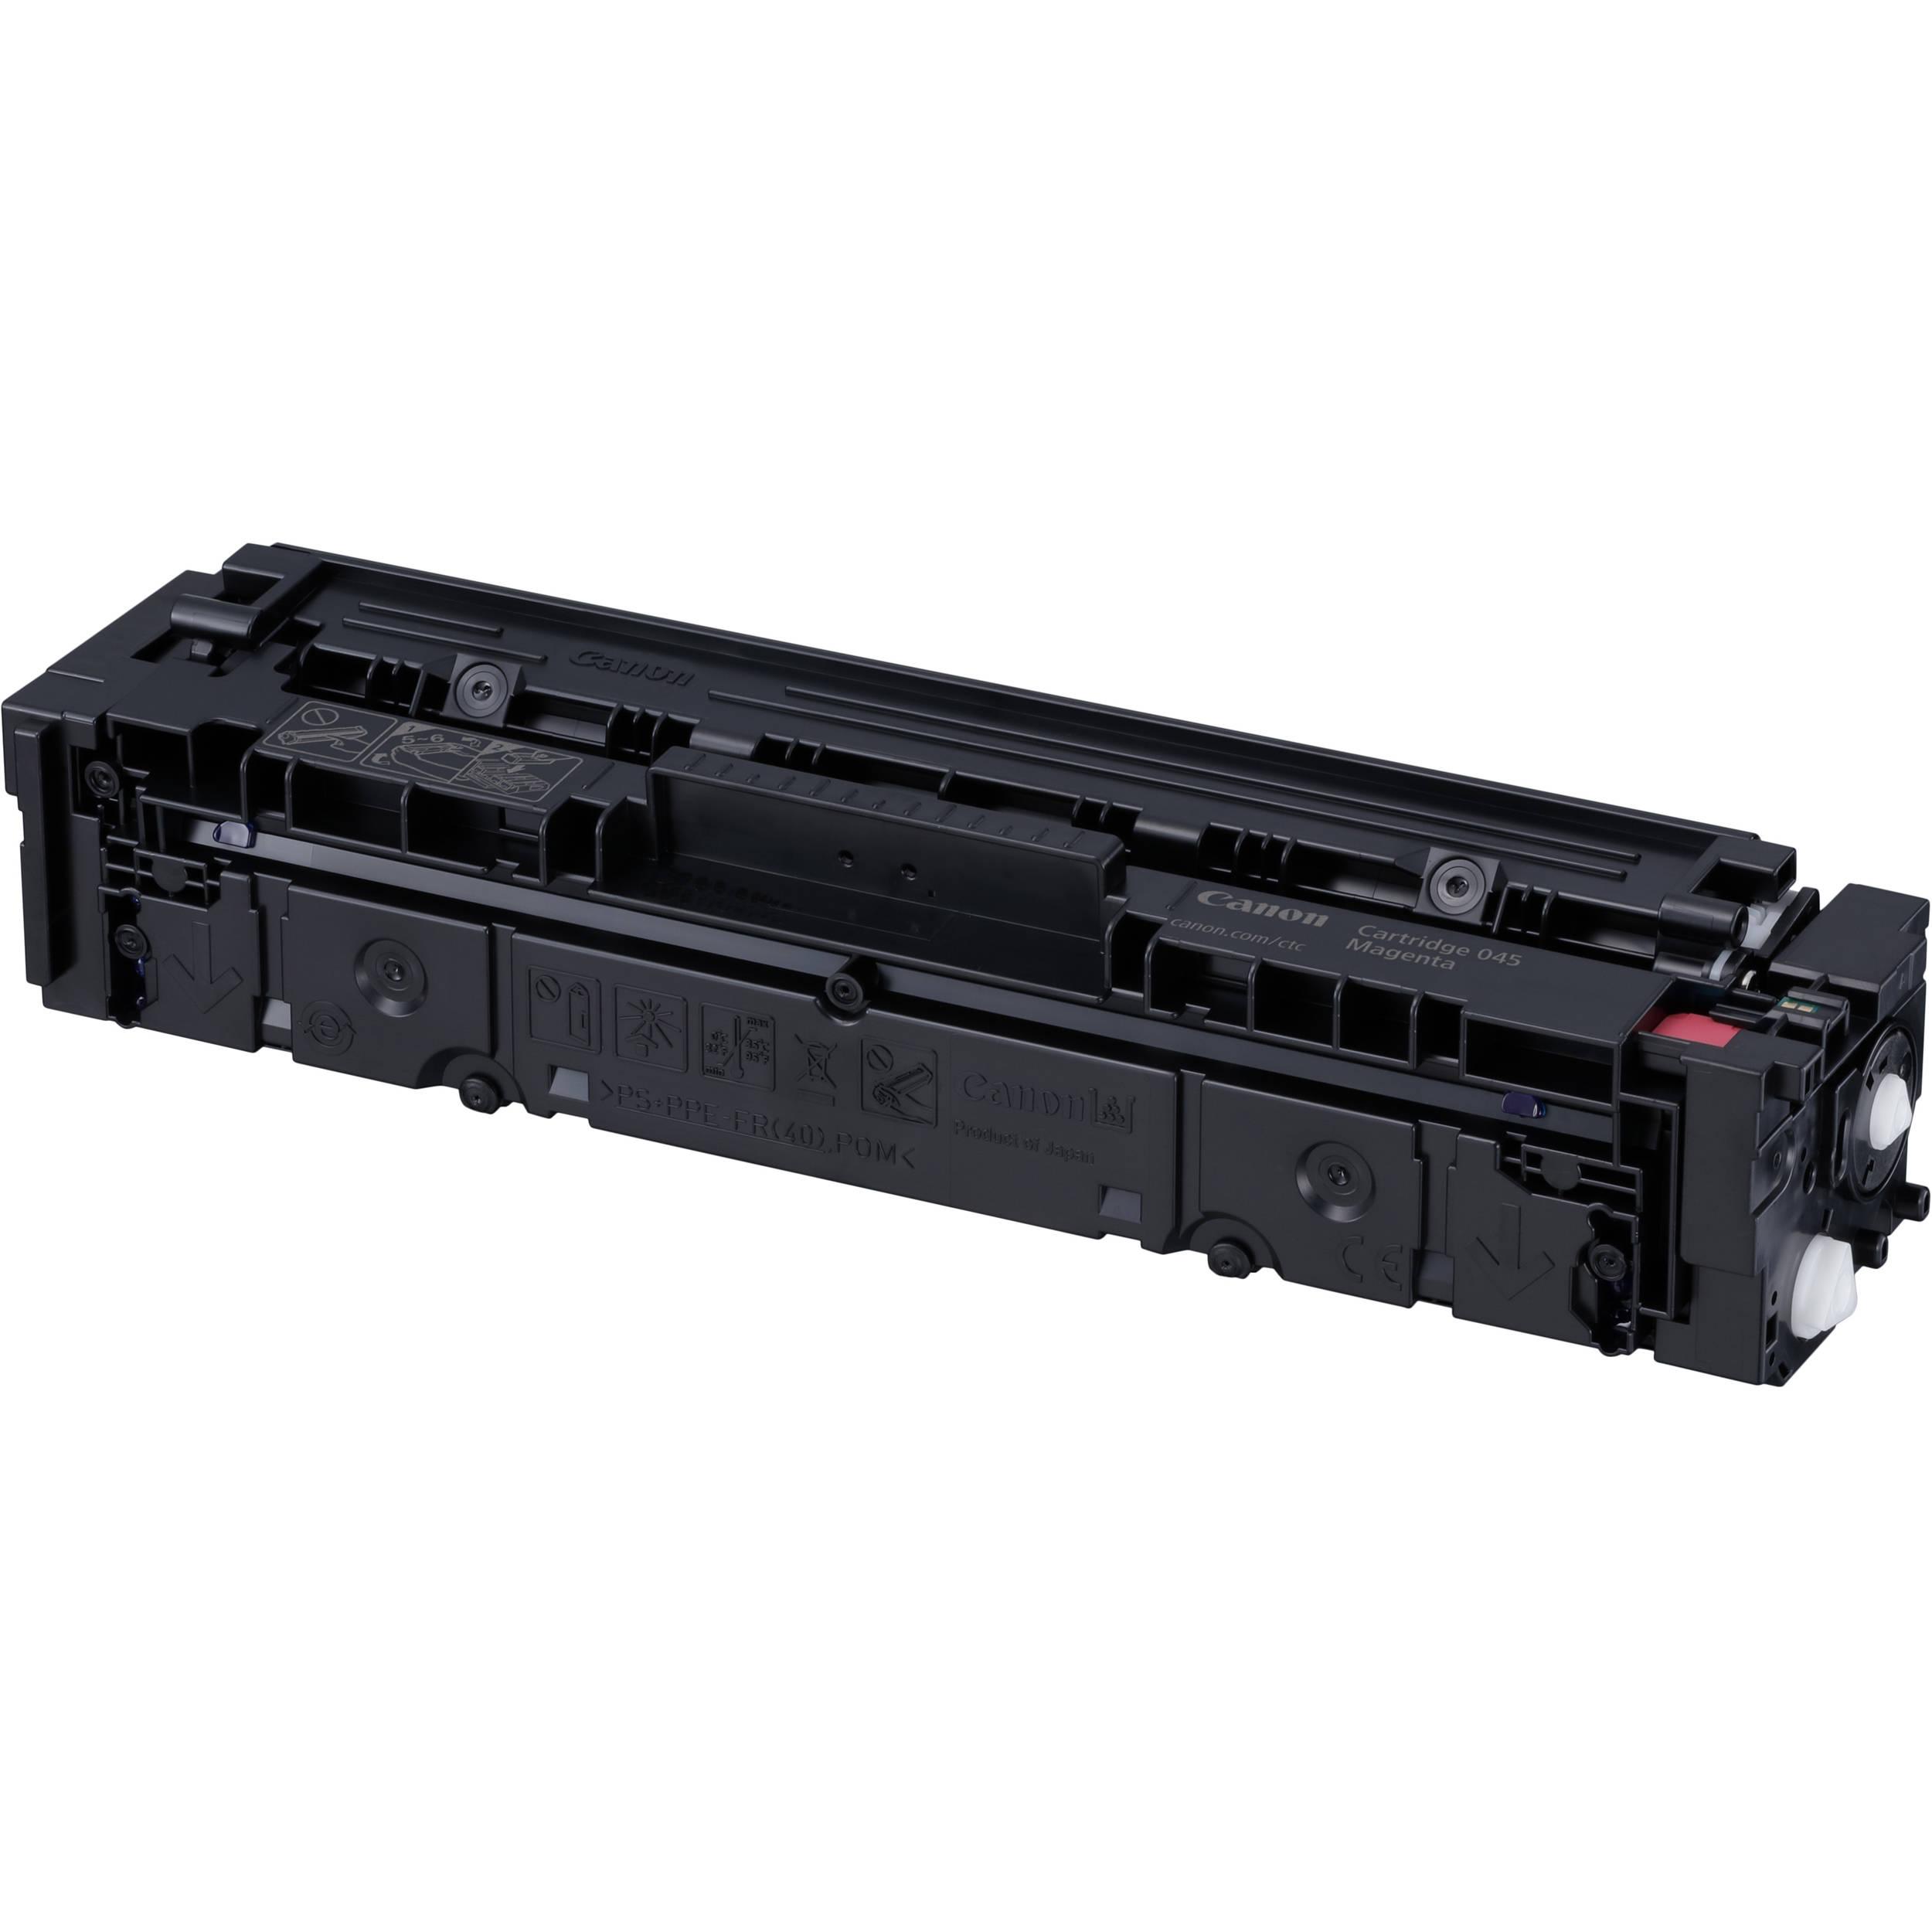 Съвместима тонер касета CANON CARTRIDGE045 (CRG045) BLACK